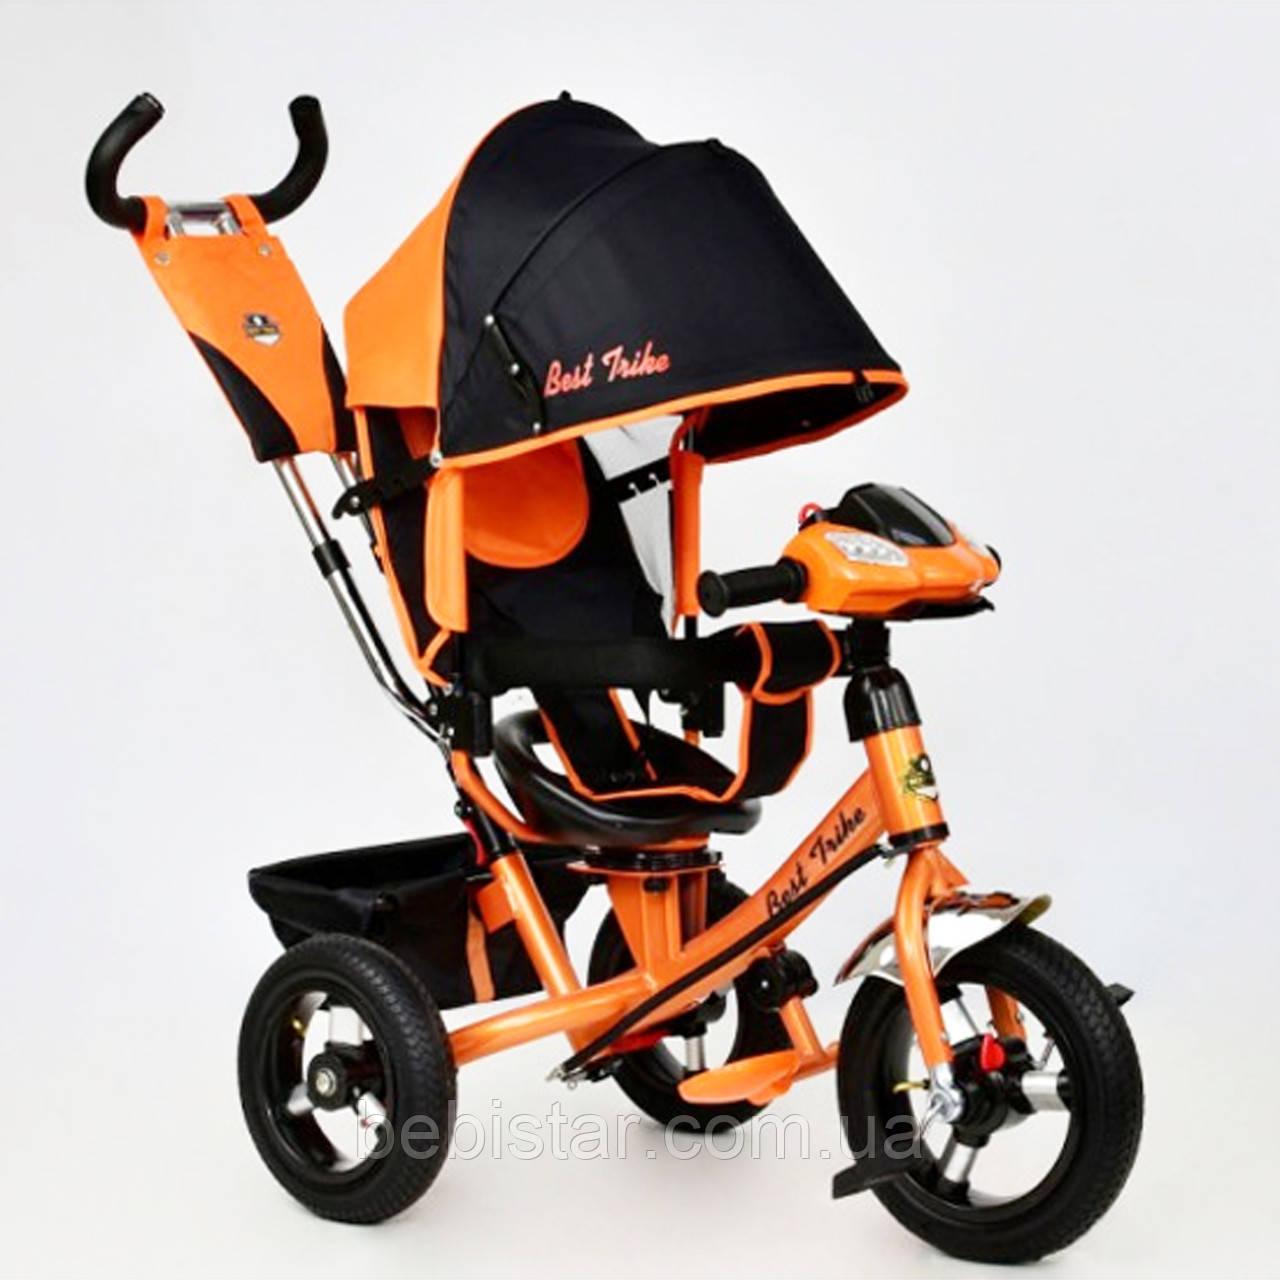 """Детский трехколесный велосипед """"Best Trike7700В"""" с музыкальной панелью и фарой, цвет: оранжевый"""